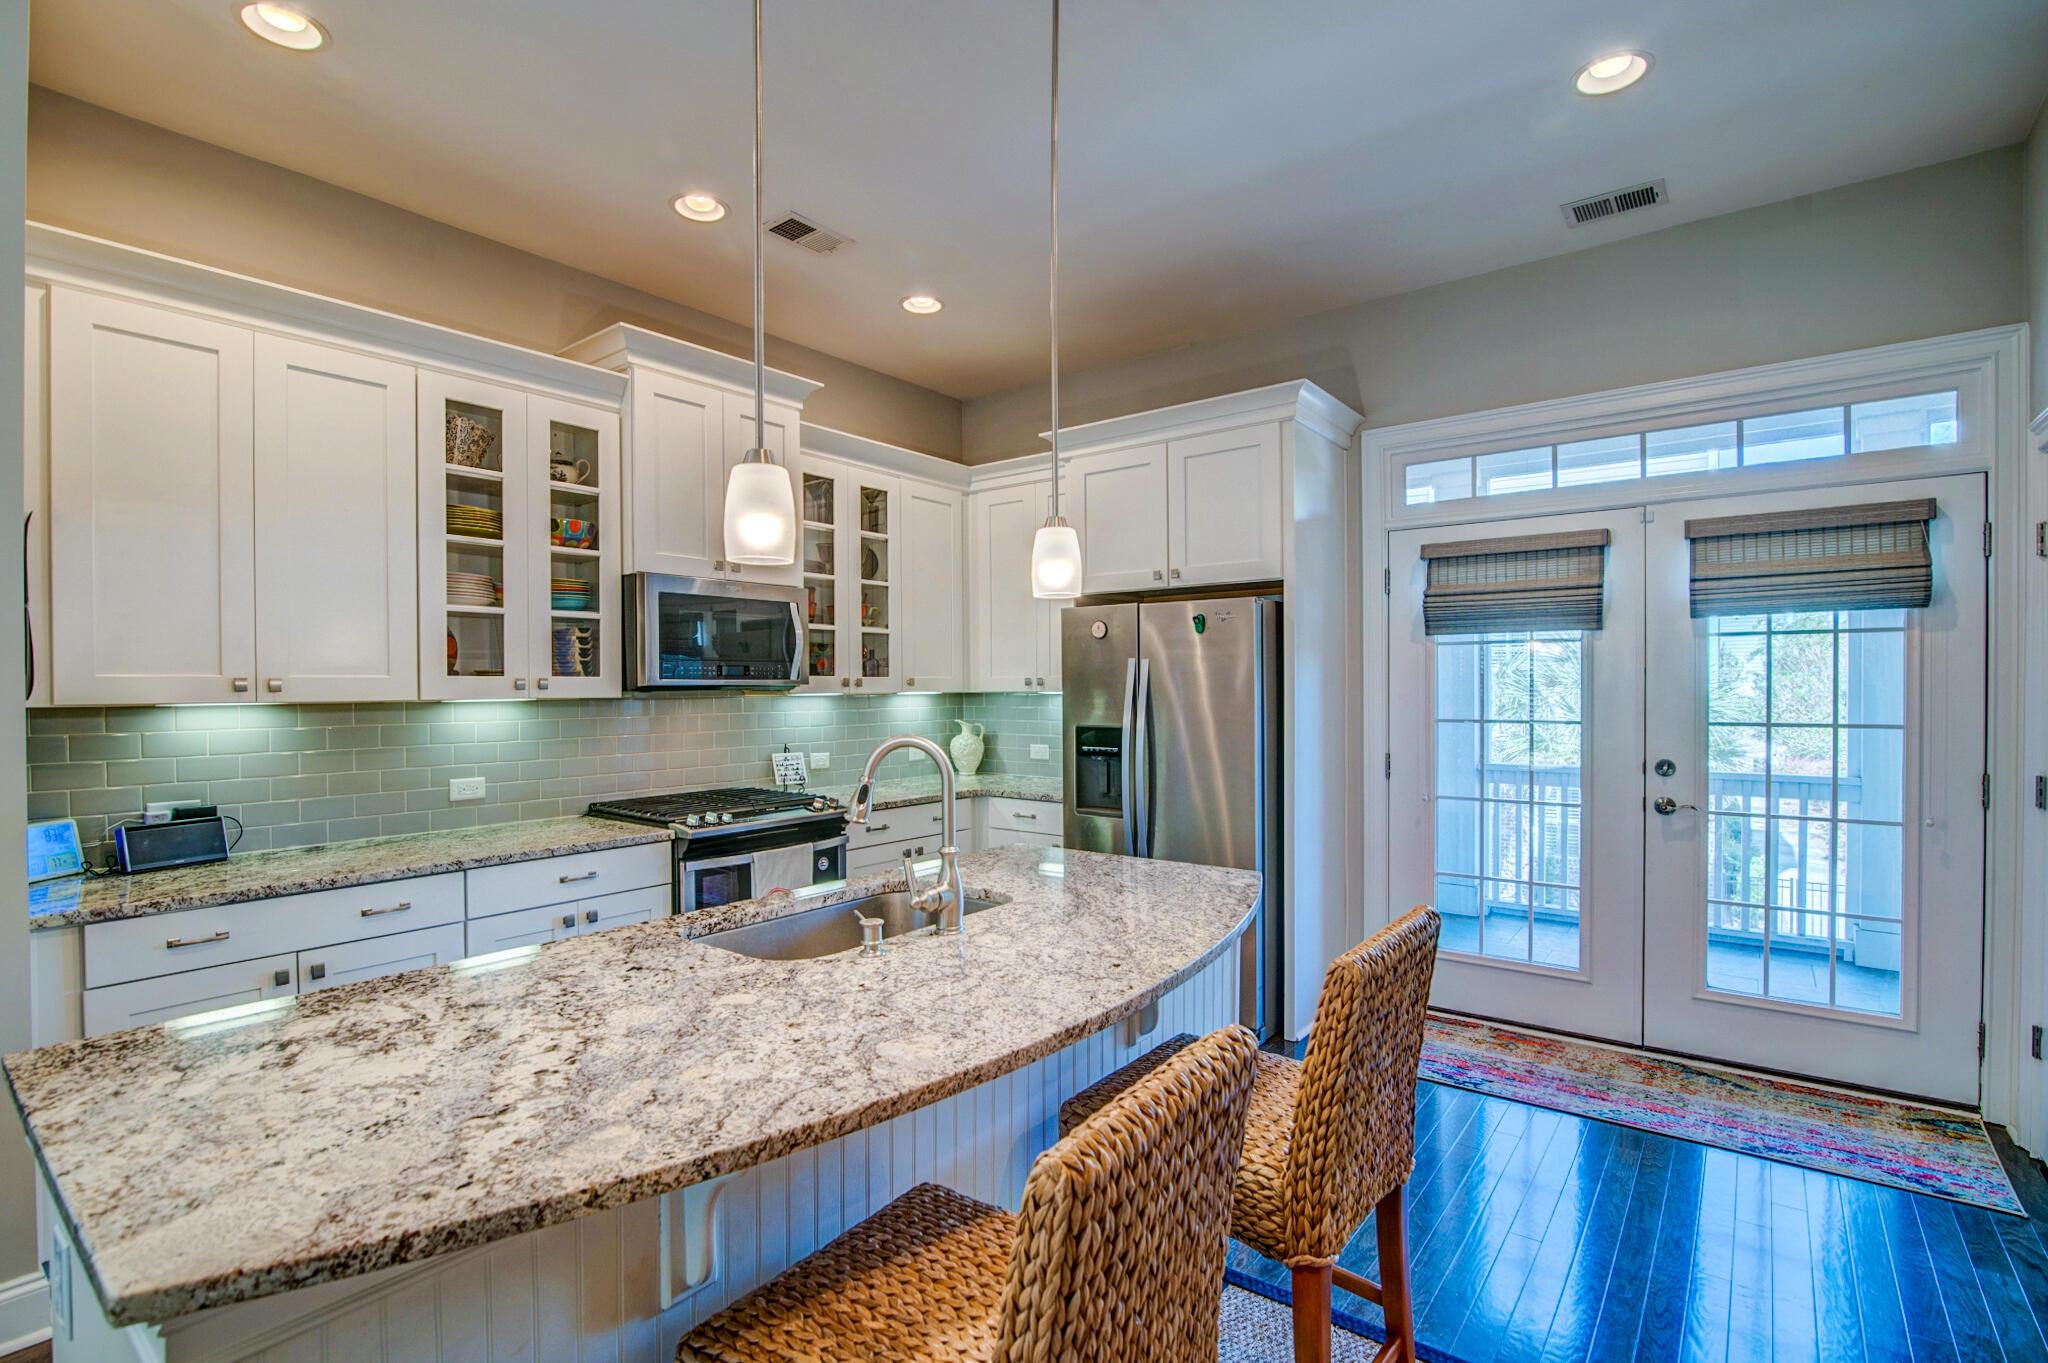 Whitesides Park Homes For Sale - 1102 Alagash Way, Mount Pleasant, SC - 18